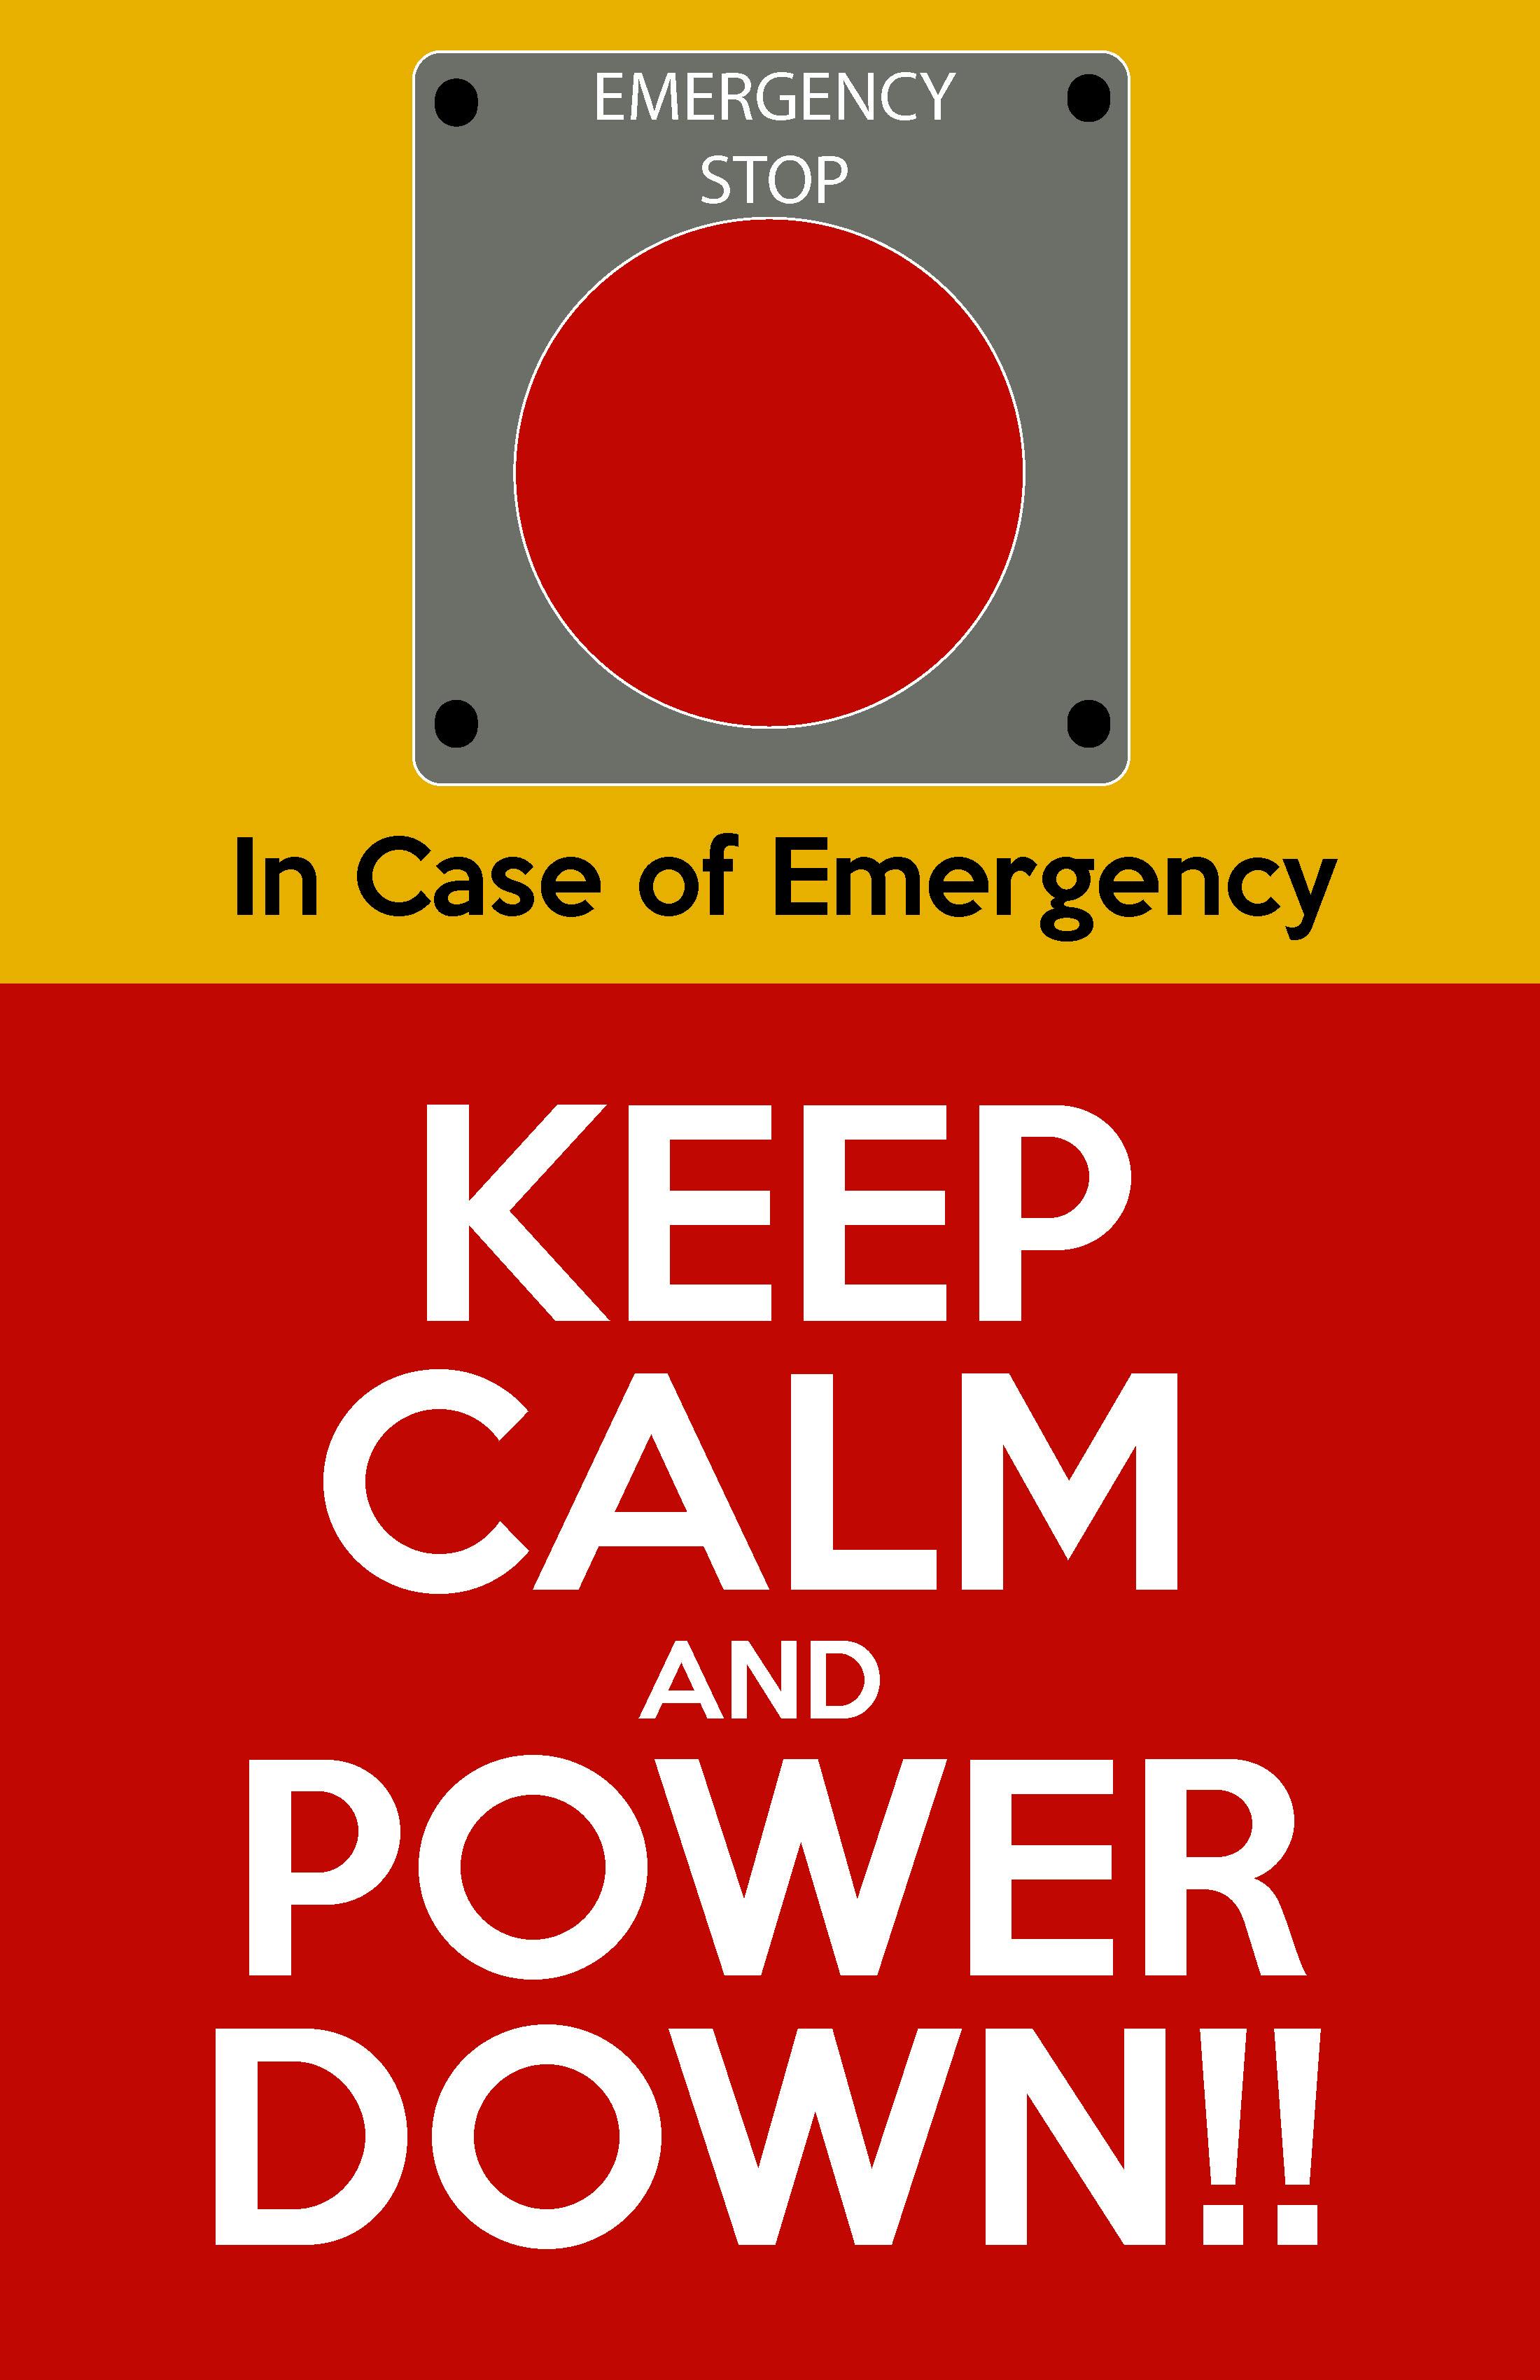 siegrist-Safety Poster.jpg